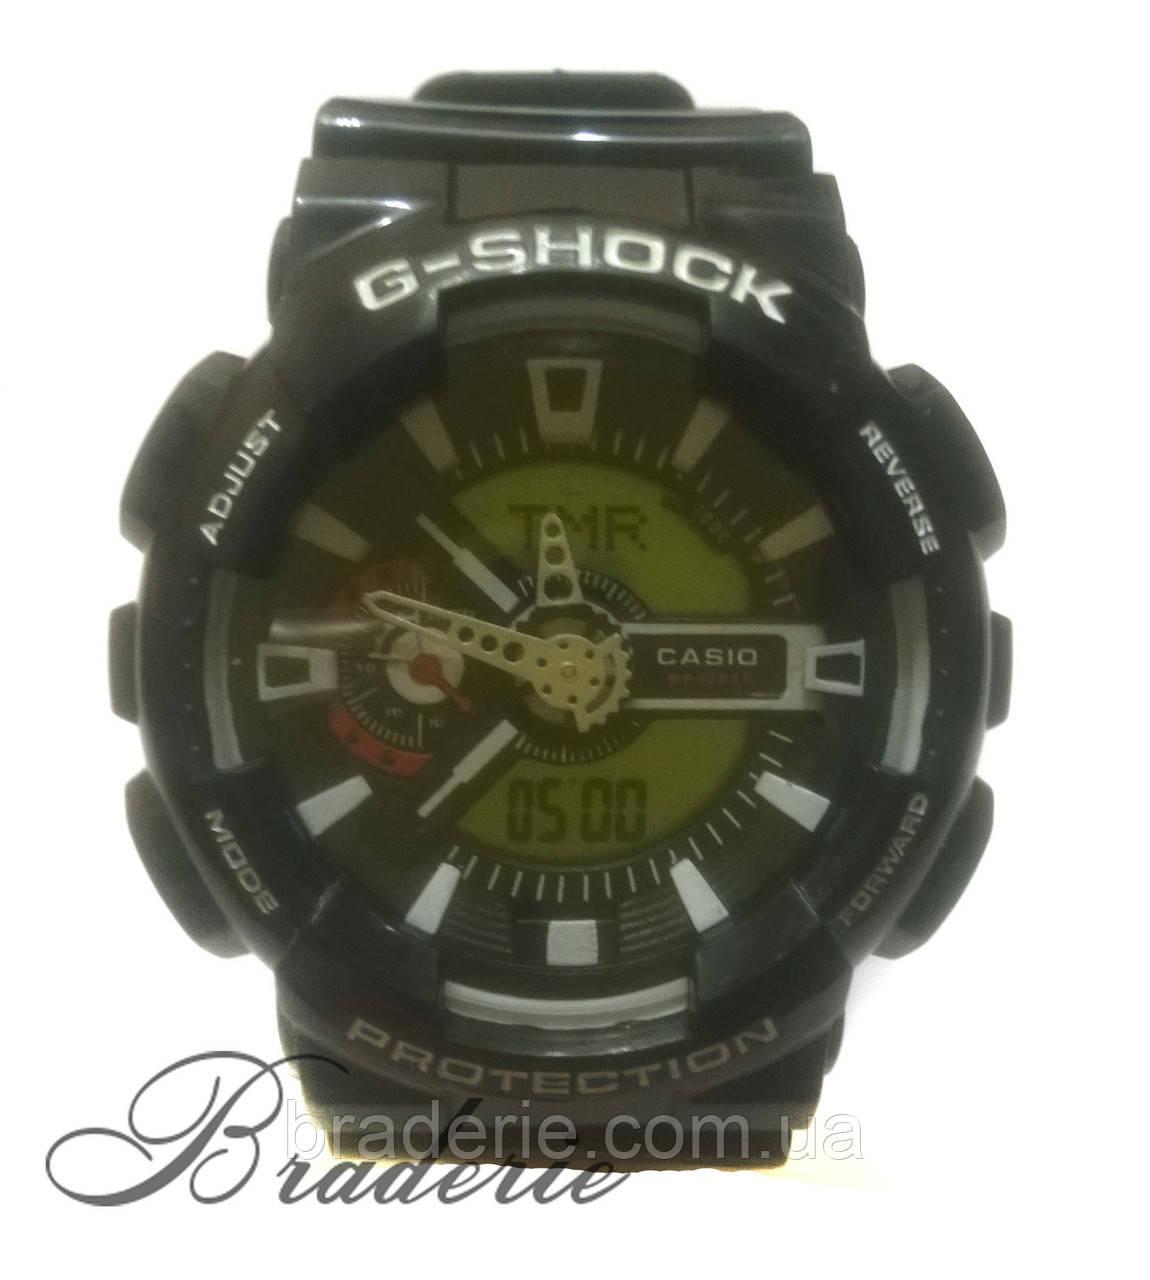 Наручные часы Casio G-Shock 1209